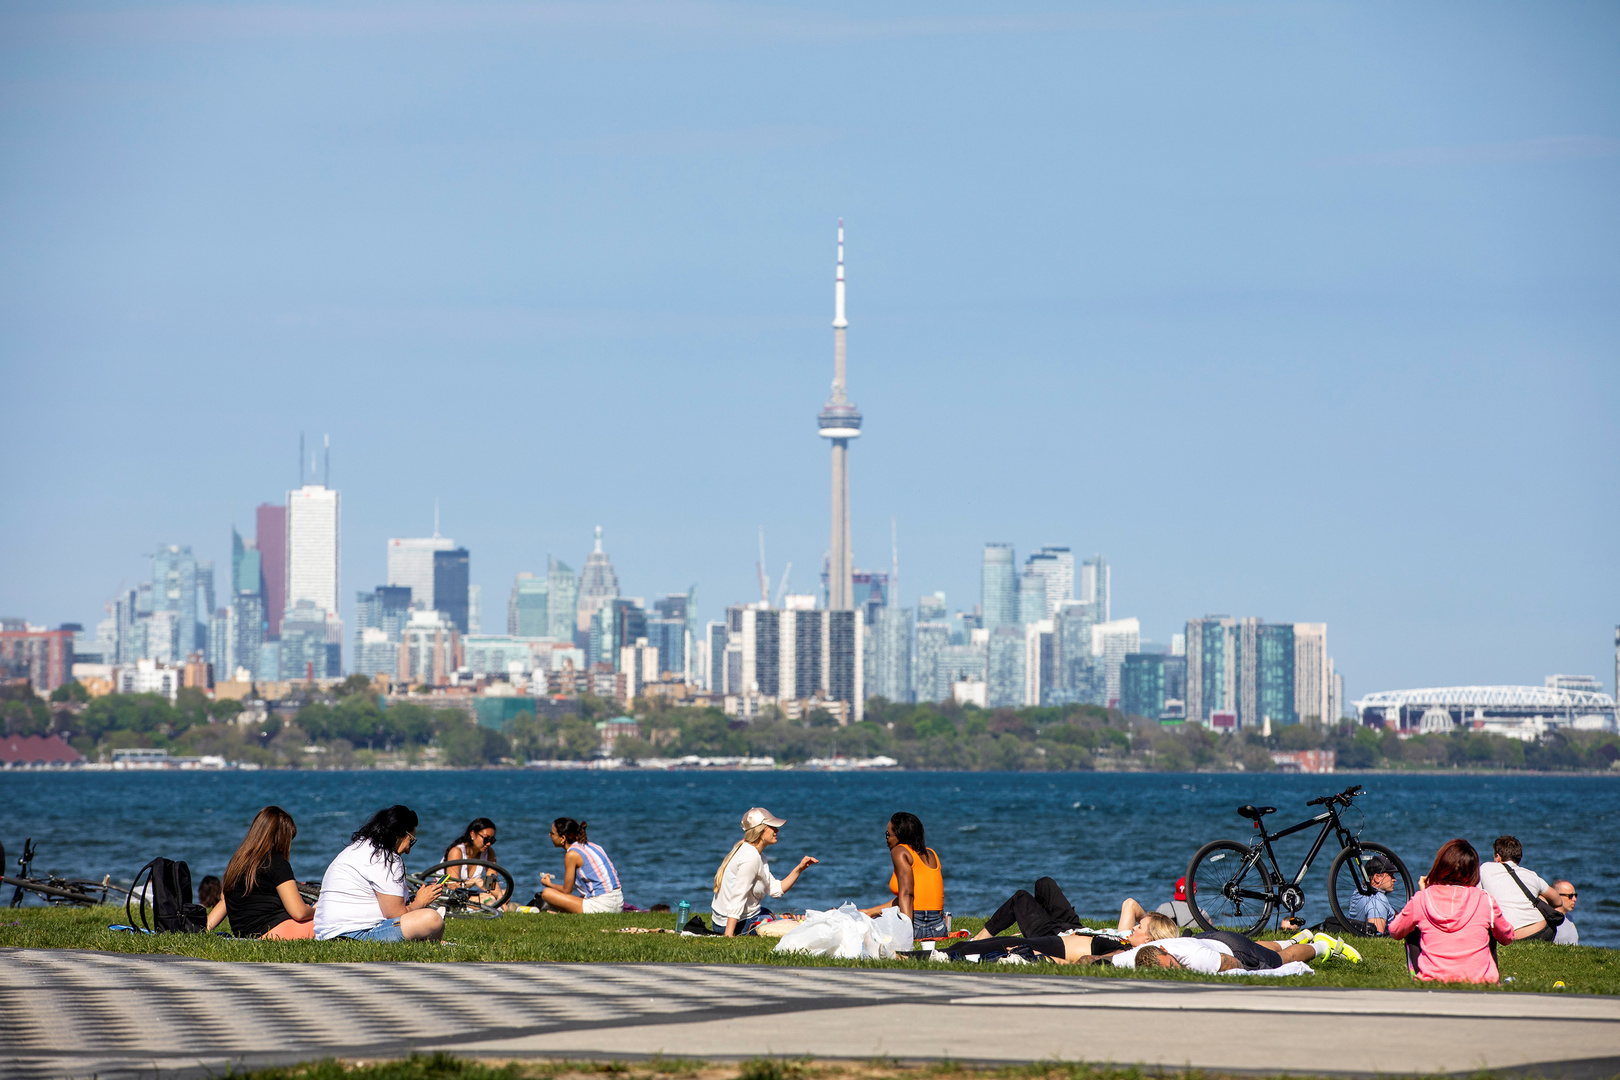 كندا تسجل ارتفاعا ملموسا لحصيلة الوفيات اليومية بفيروس كورونا